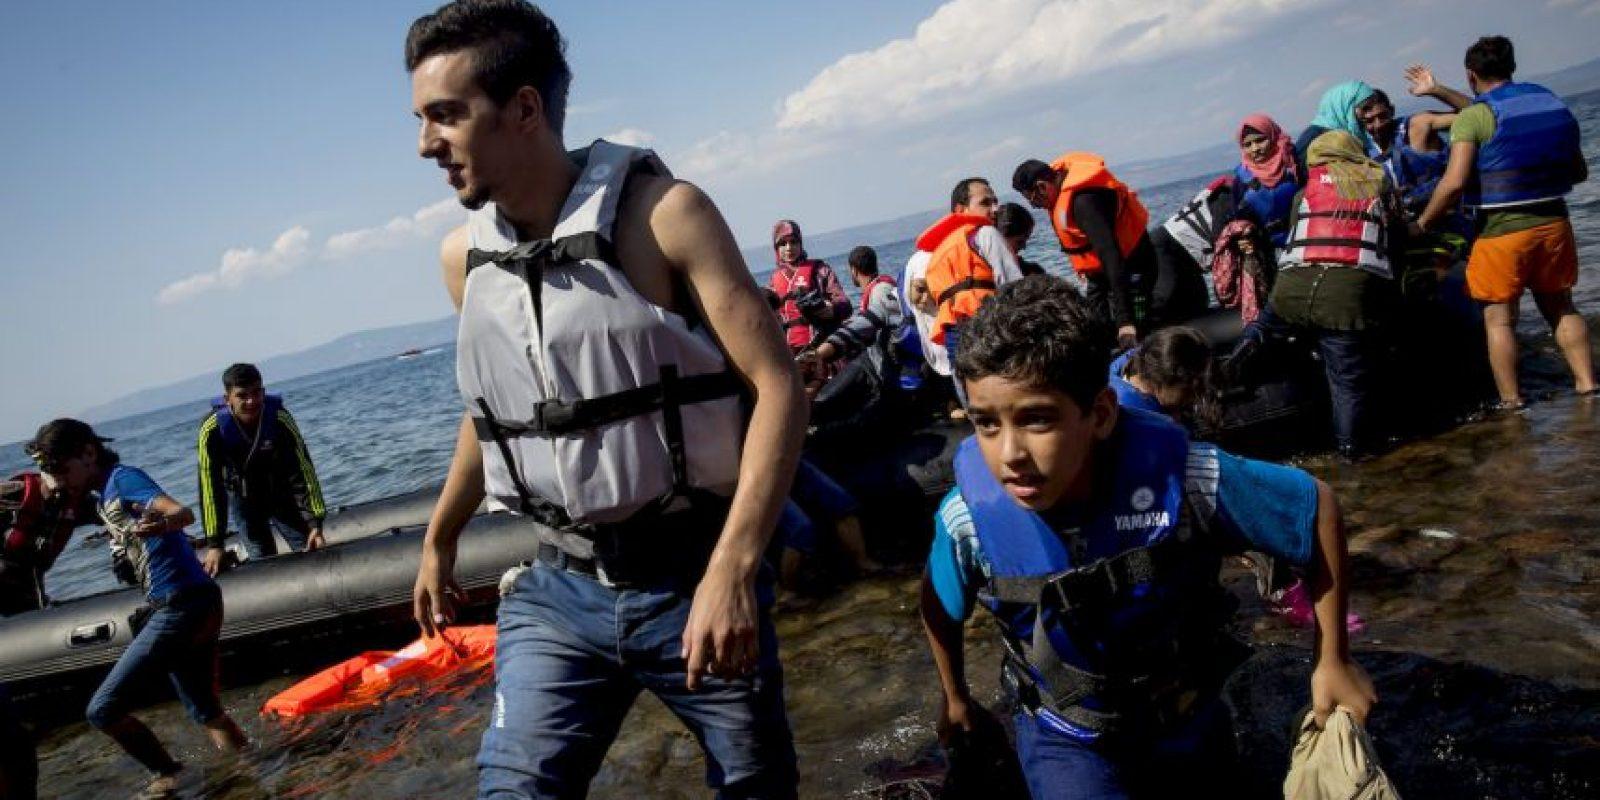 La mayoría de ellos llegan sin pertenencias, solo con algunos artículos que lograron rescatar. Foto:Getty Images